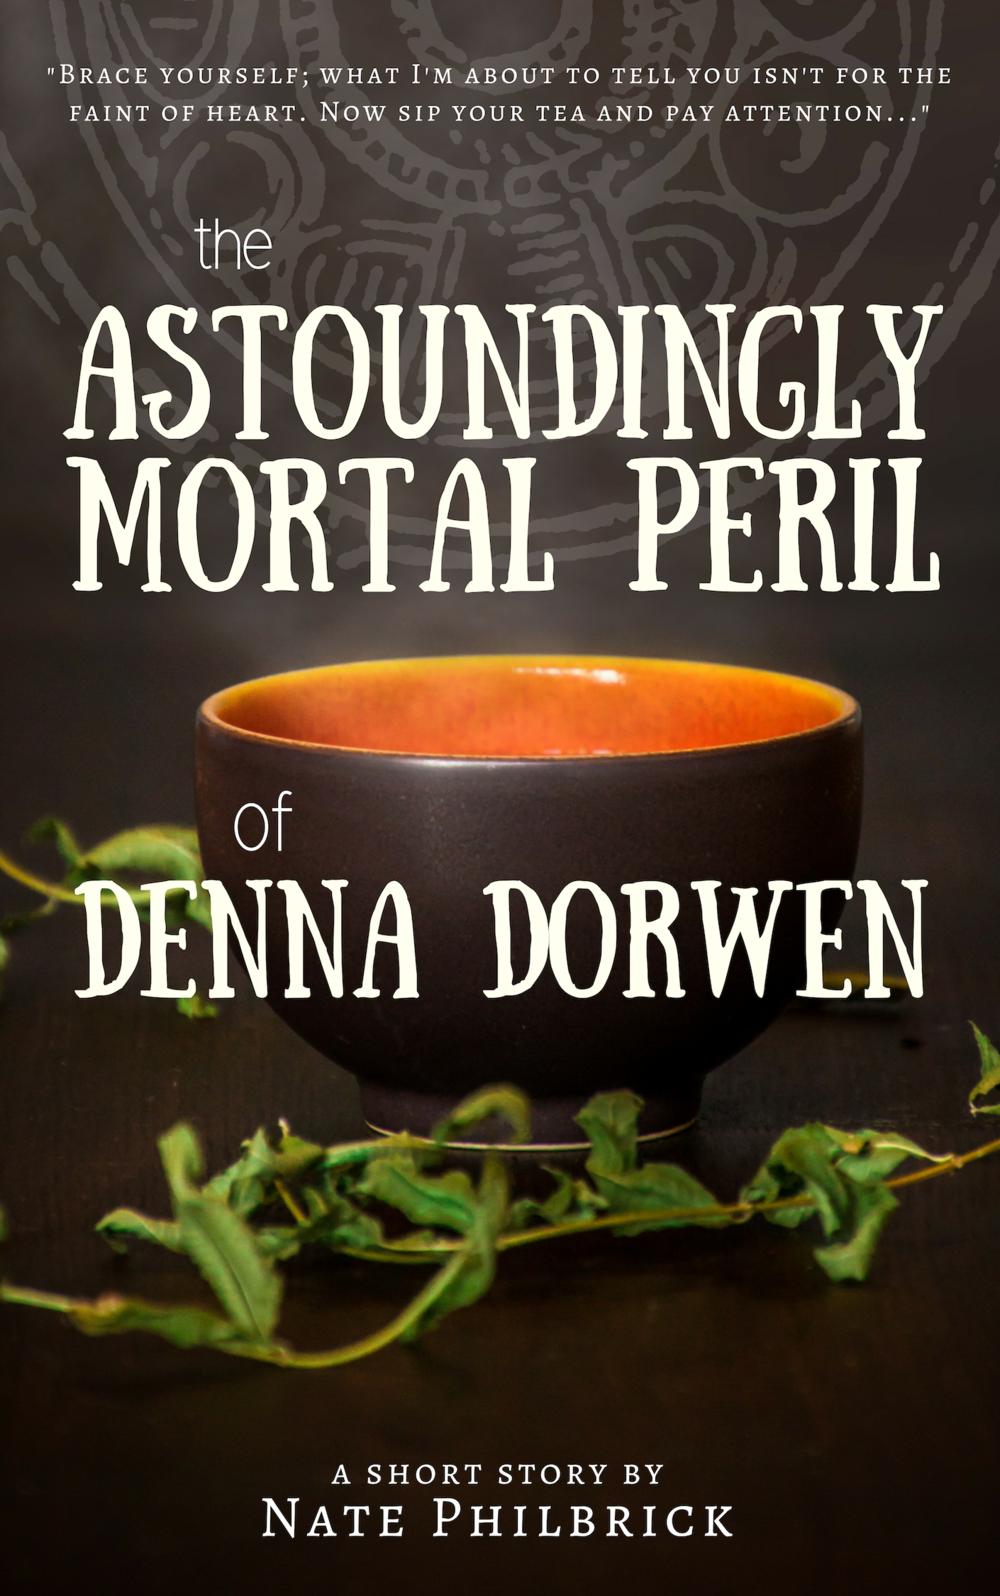 The Astoundingly Mortal PerilofDenna Dorwen.png